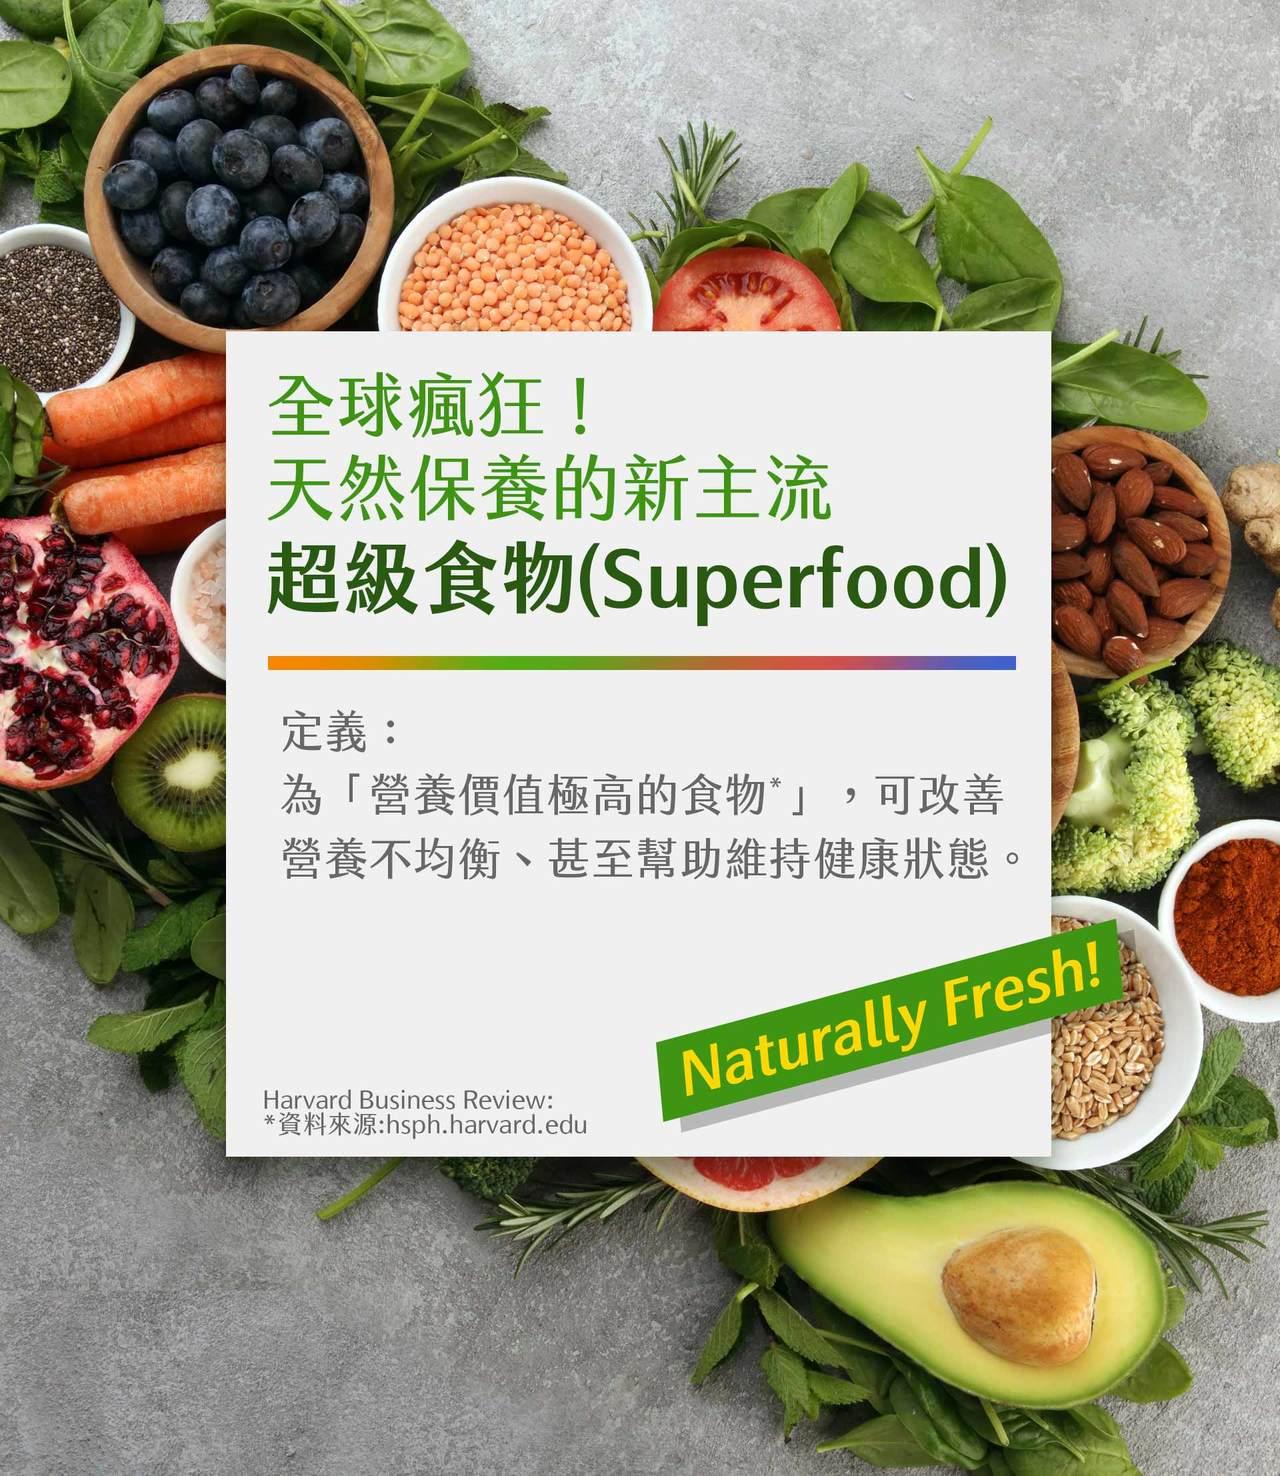 超級食物定義-1